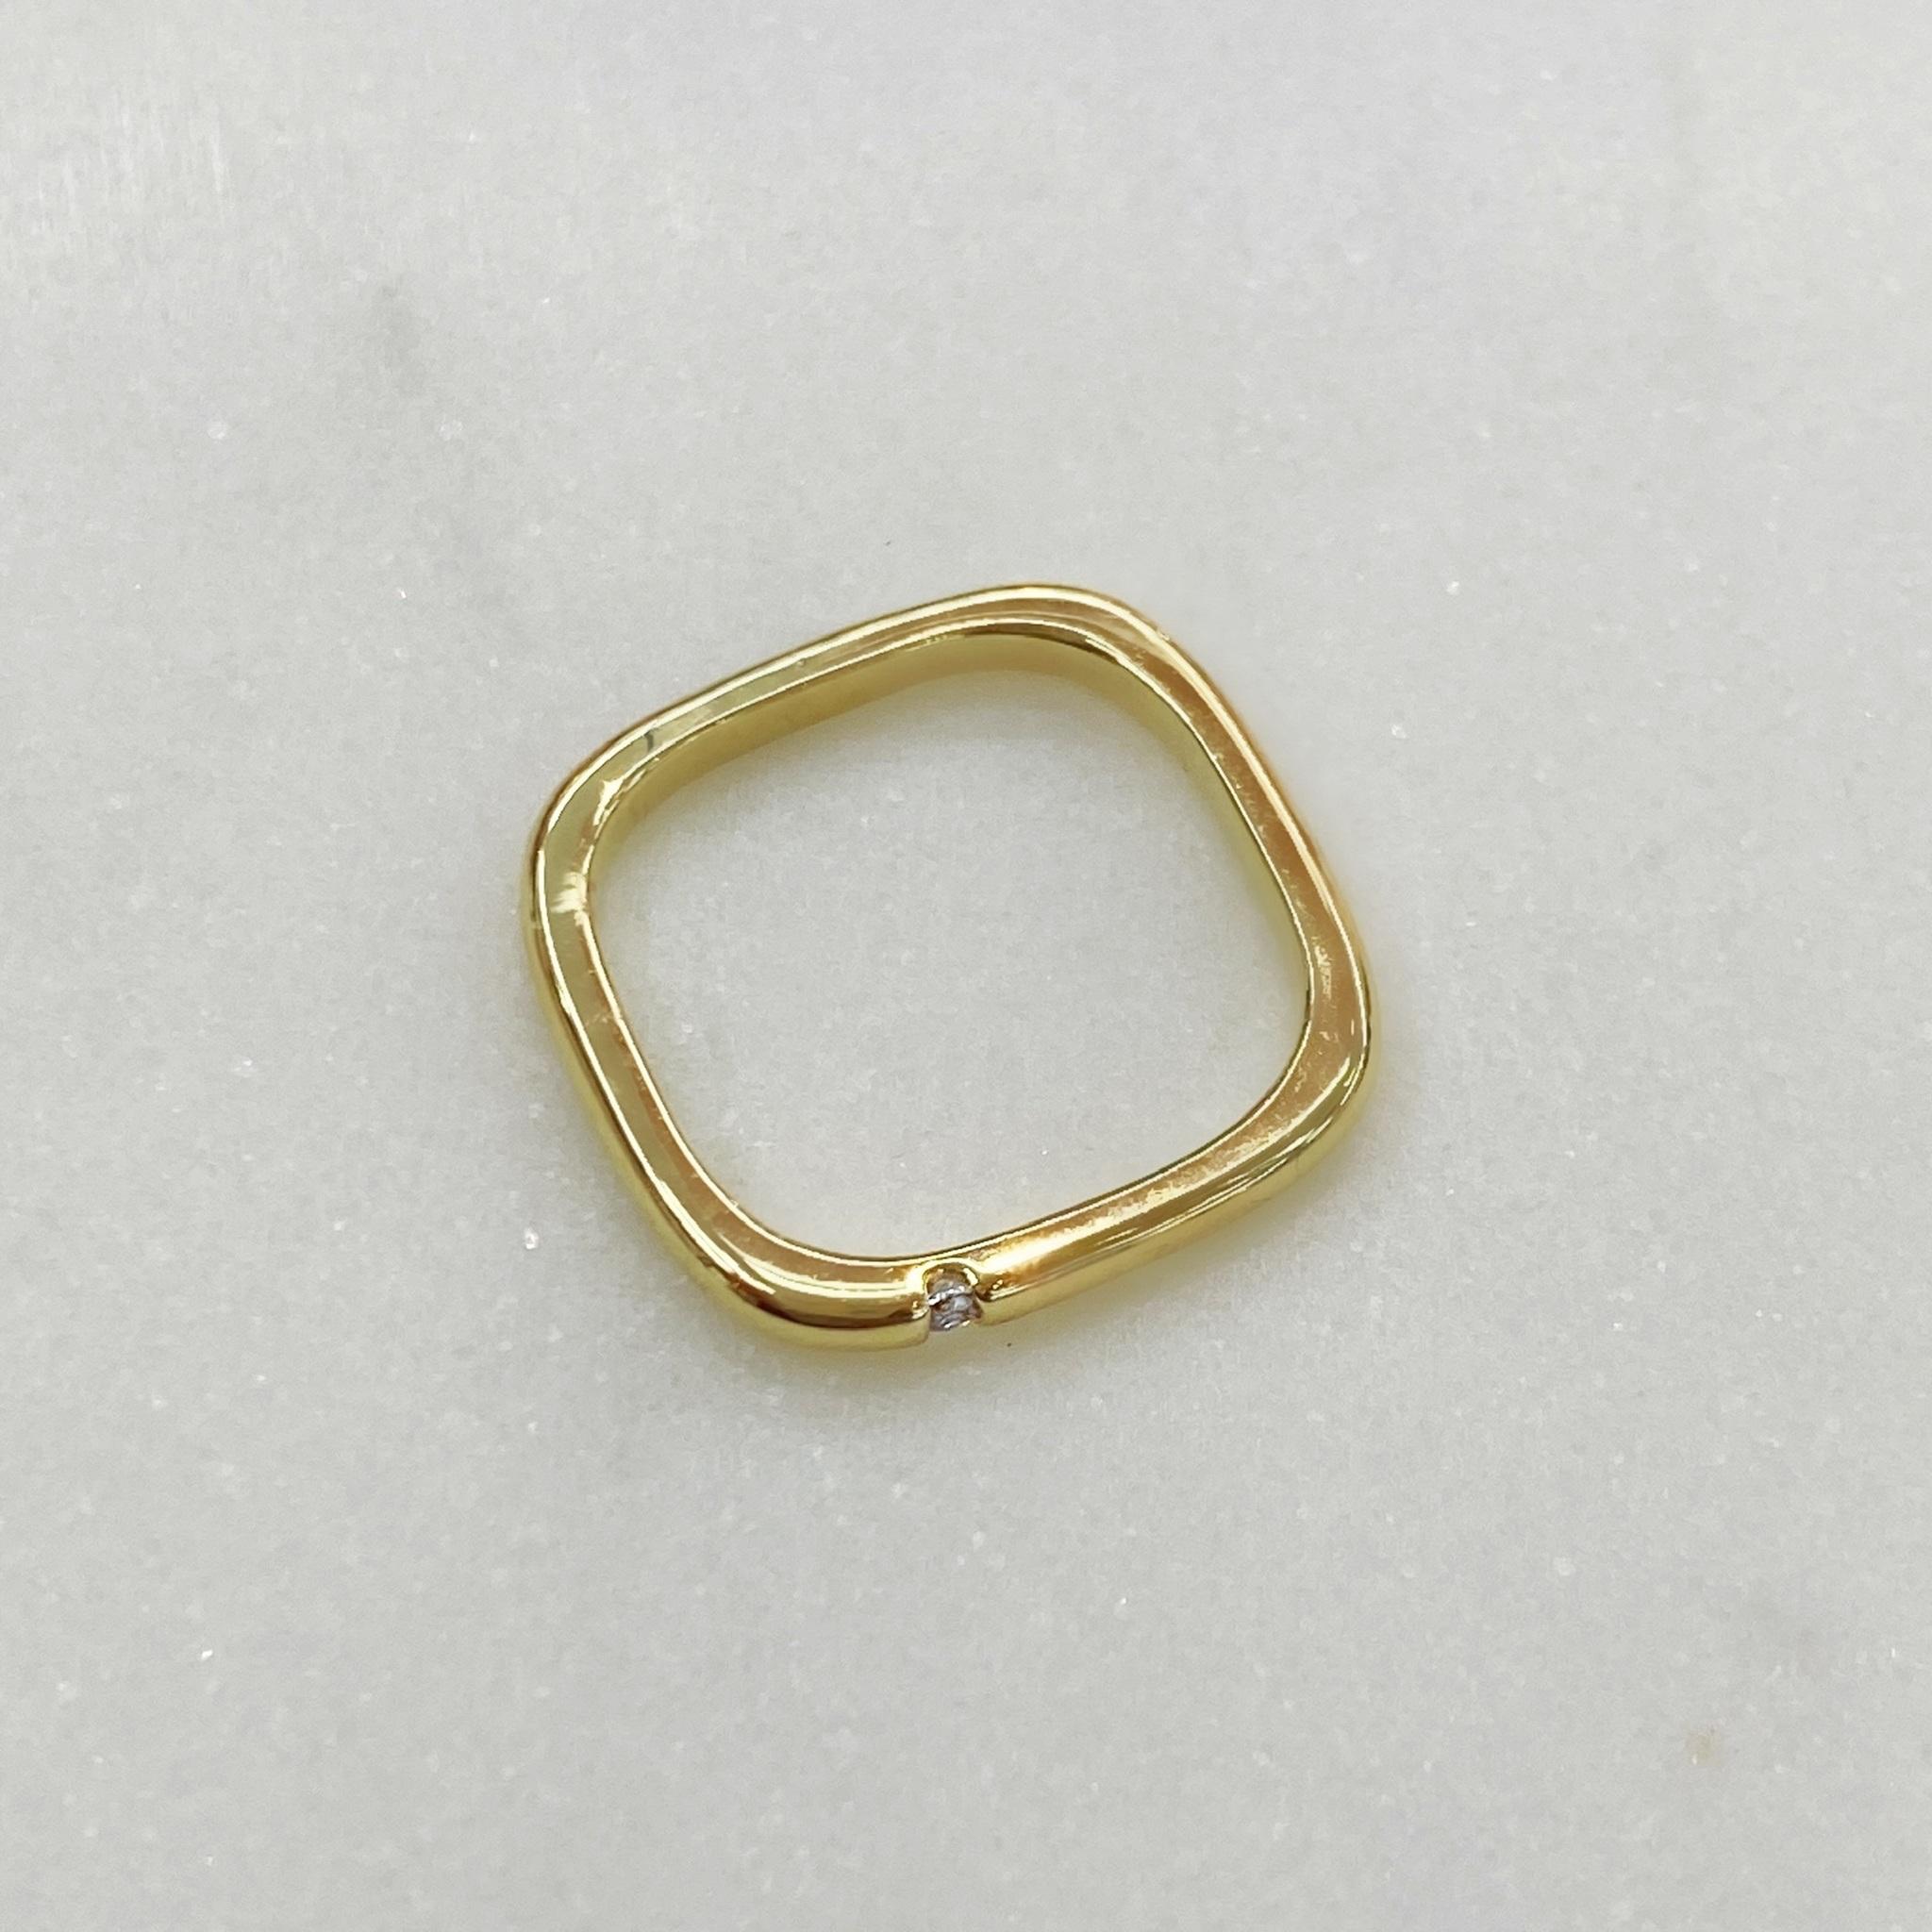 Кольцо квадратное с цирконом сбоку (золотистый)